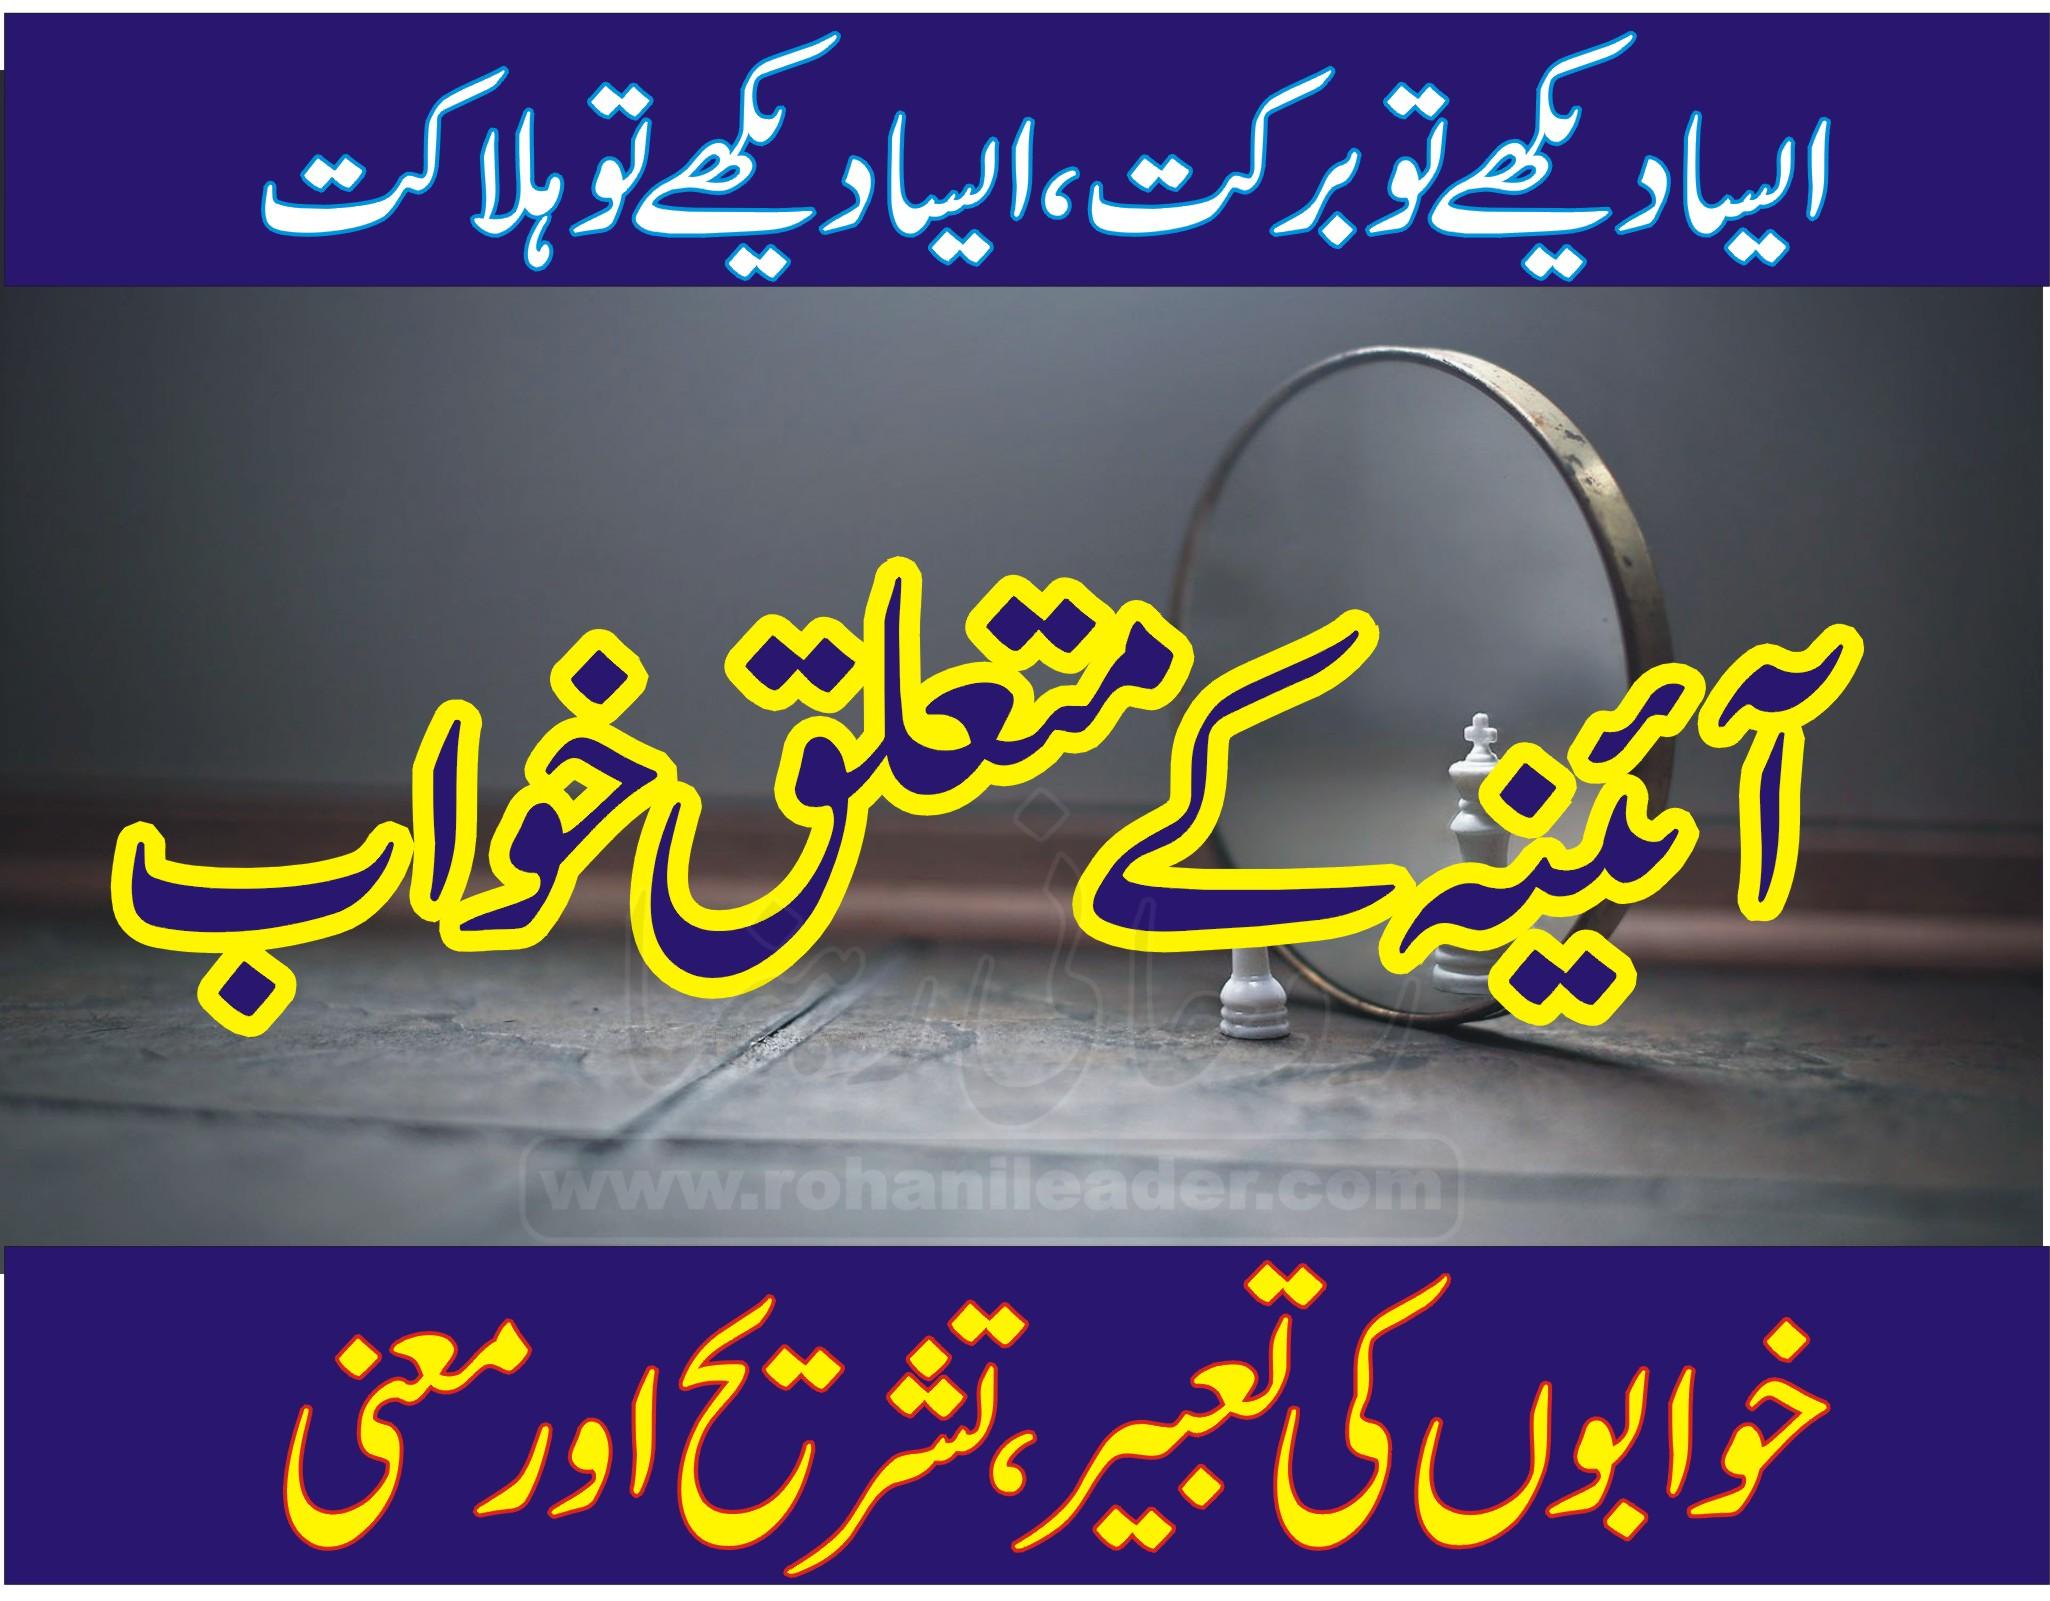 khwab mein aina dekhna |خواب میں آئینہ یا شیشہ دیکھنا urdu